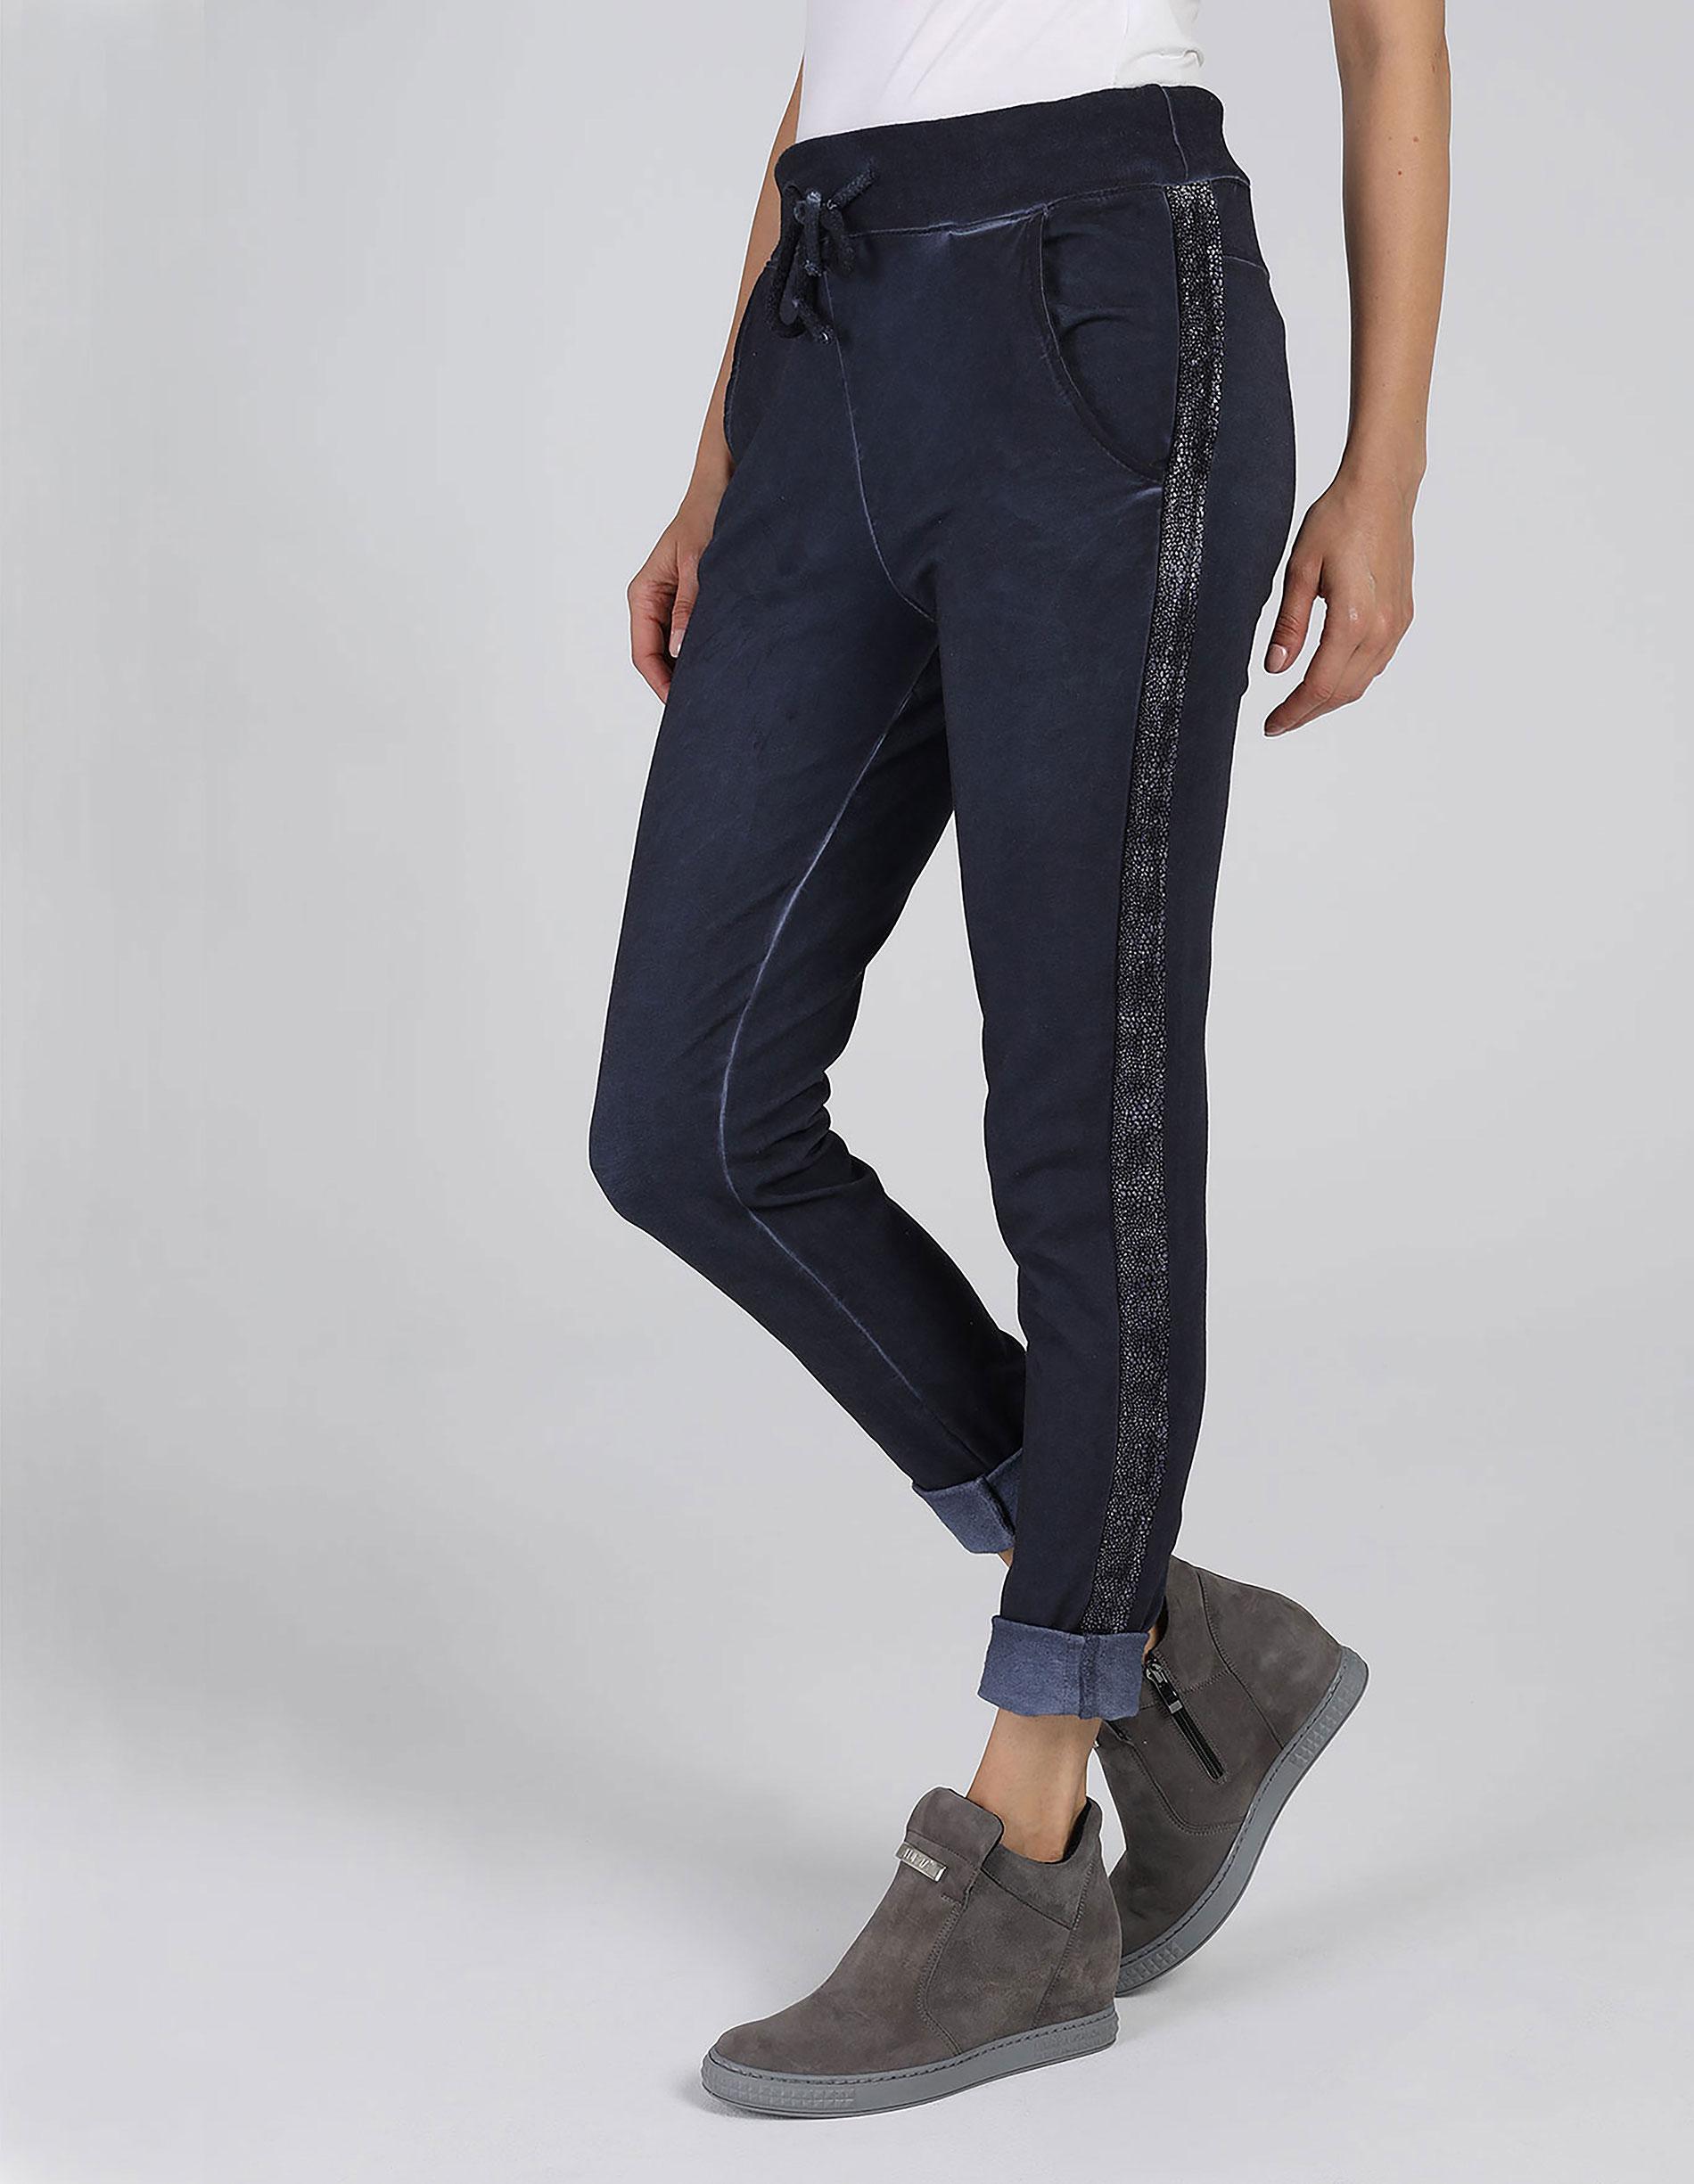 Spodnie - 77-6795 BL SC - Unisono